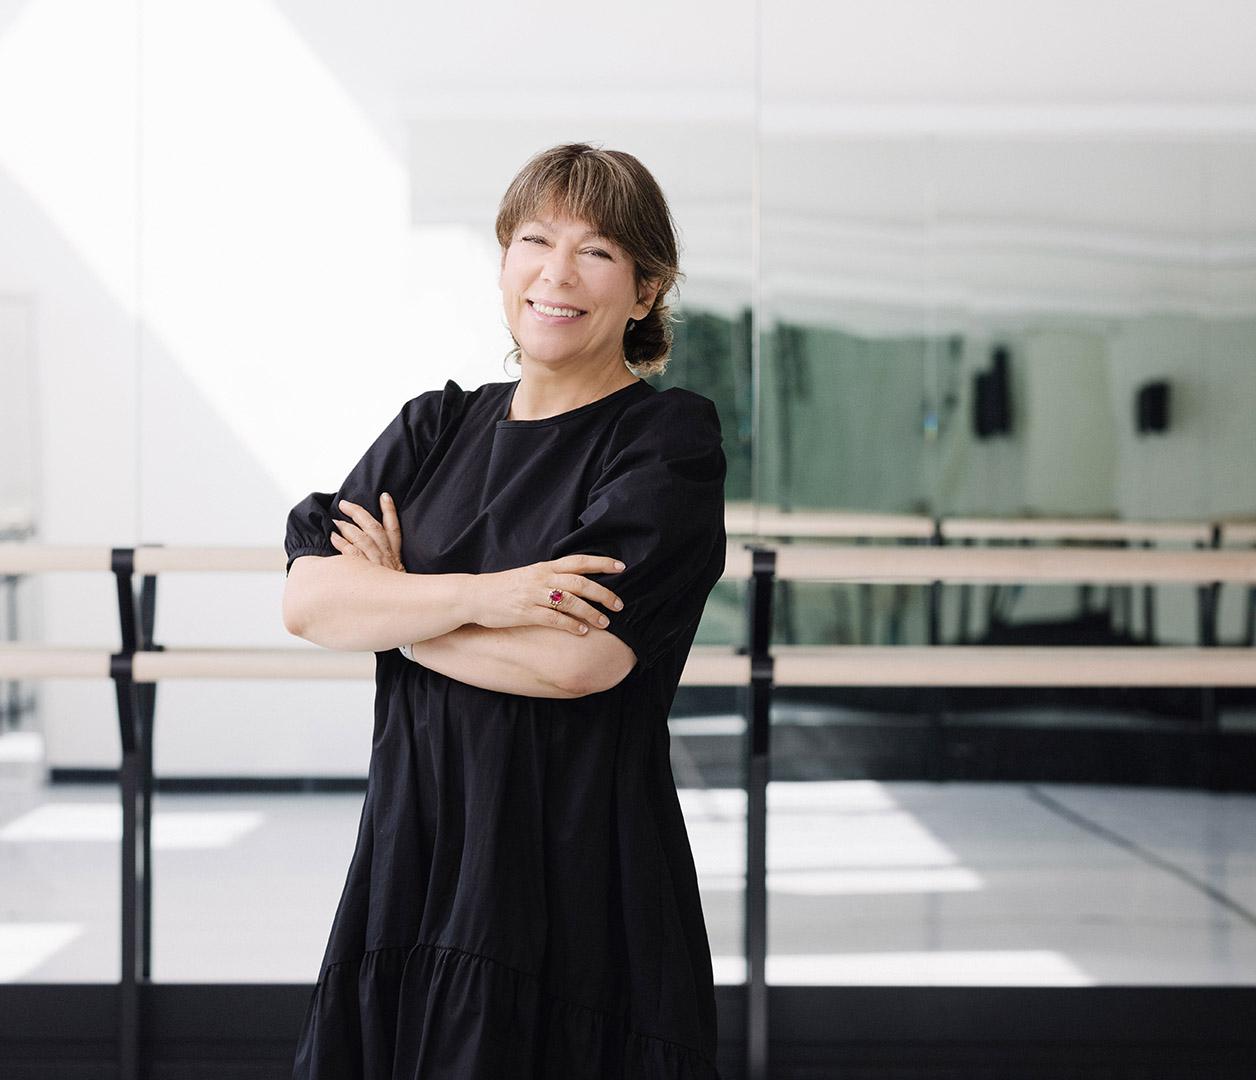 Artistic Director, Dance at Arts Umbrella